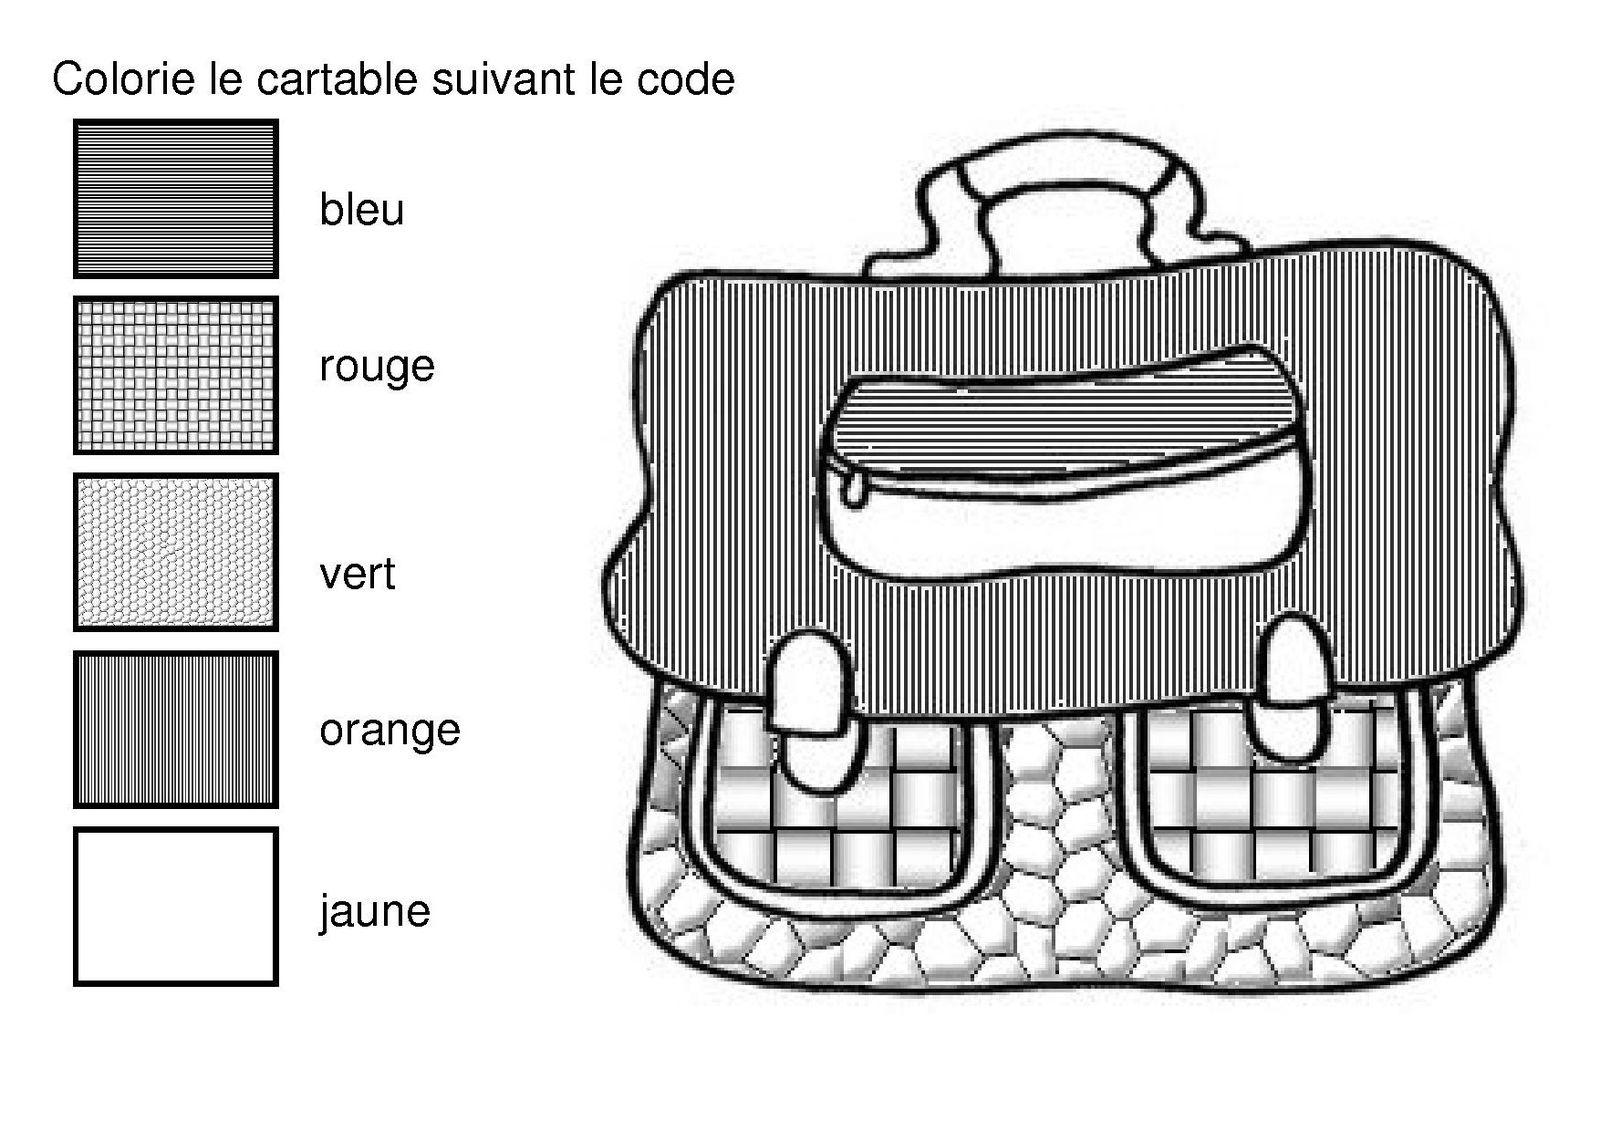 Coloriage Cartable Maternelle - Ohbq dedans Coloriage Cartable